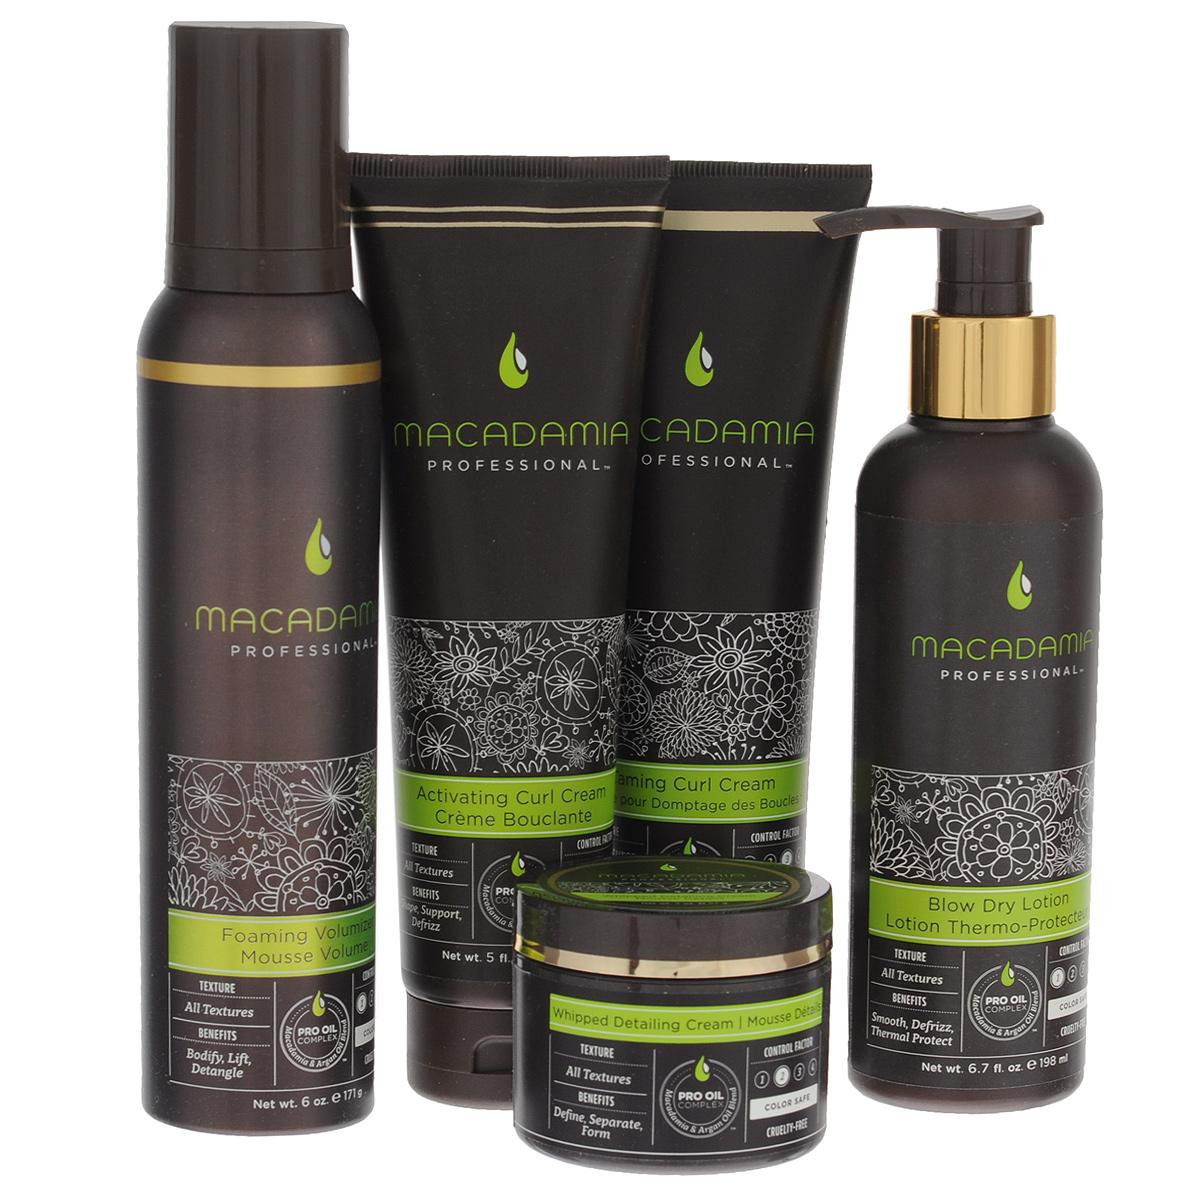 Macadamia Natural Oil Подарочный набор для волос Styling Collection: мусс для создания объема, лосьон для укладки, легкой фиксации, крем-суфле, текстурирующий, крем-активатор для кудрей, крем для кудрей, смягчающий600100Все средства линии стайлинга Macadamia содержат терапевтическую смесь масел макадамии и арганы, которая увлажняет и восстанавливает волосы, придавая им здоровый блеск, упругость и управляемость. Укрепляют и защищают волосы от вредного воздействия окружающей среды, сохраняют цвет окрашенных волос. Набор Styling Collection включает в себя следующие продукты:Мусс для объема (Foaming Volumizer): воздушный мусс, который добавляет слабым безжизненным волосам массу и объем, не утяжеляя их и не оставляя налета или эффекта склеивания. Облегчает расчесывание, контролирует пушистость, делает волосы гладкими, мягкими, блестящими и упругими. С термозащитным действием. Сохраняет цвет окрашенных волос, не содержит агрессивных компонентов. Лосьон для укладки (Blow Dry Lotion): разглаживает, устраняет пушистость и защищает от влажности. Увлажняет волосы, не утяжеляя их. Обеспечивает легкое скольжение пряди при укладке феном, уменьшая степень повреждений при расчесывании. С термозащитным действием. Сохраняет цвет окрашенных волос, не содержит агрессивных компонентов. Крем смягчающий для кудрей (Taming Curl Cream): создает объемные, разделенные, мягкие на ощупь волны и кудри. Контролирует непослушные кудри, не делая их жесткими. Борется с влажностью, контролирует пушистость - для безупречного, законченного образа. Сохраняет цвет окрашенных волос, не содержит агрессивных компонентов. Крем-суфле текстурирующий (Whipped Detailing Cream): воздушный крем для подчеркивания отдельных прядей, создания разделенной, разнообразной текстуры без утяжеления. Оставляет волосы естественными на вид и на ощупь. Добавляет гладкость, убирает пушистость. Устраняет излишки жира для создания объемной укладки. Идеален для завершения образа. Сохраняет цвет окрашенных волос, не содержит агресси